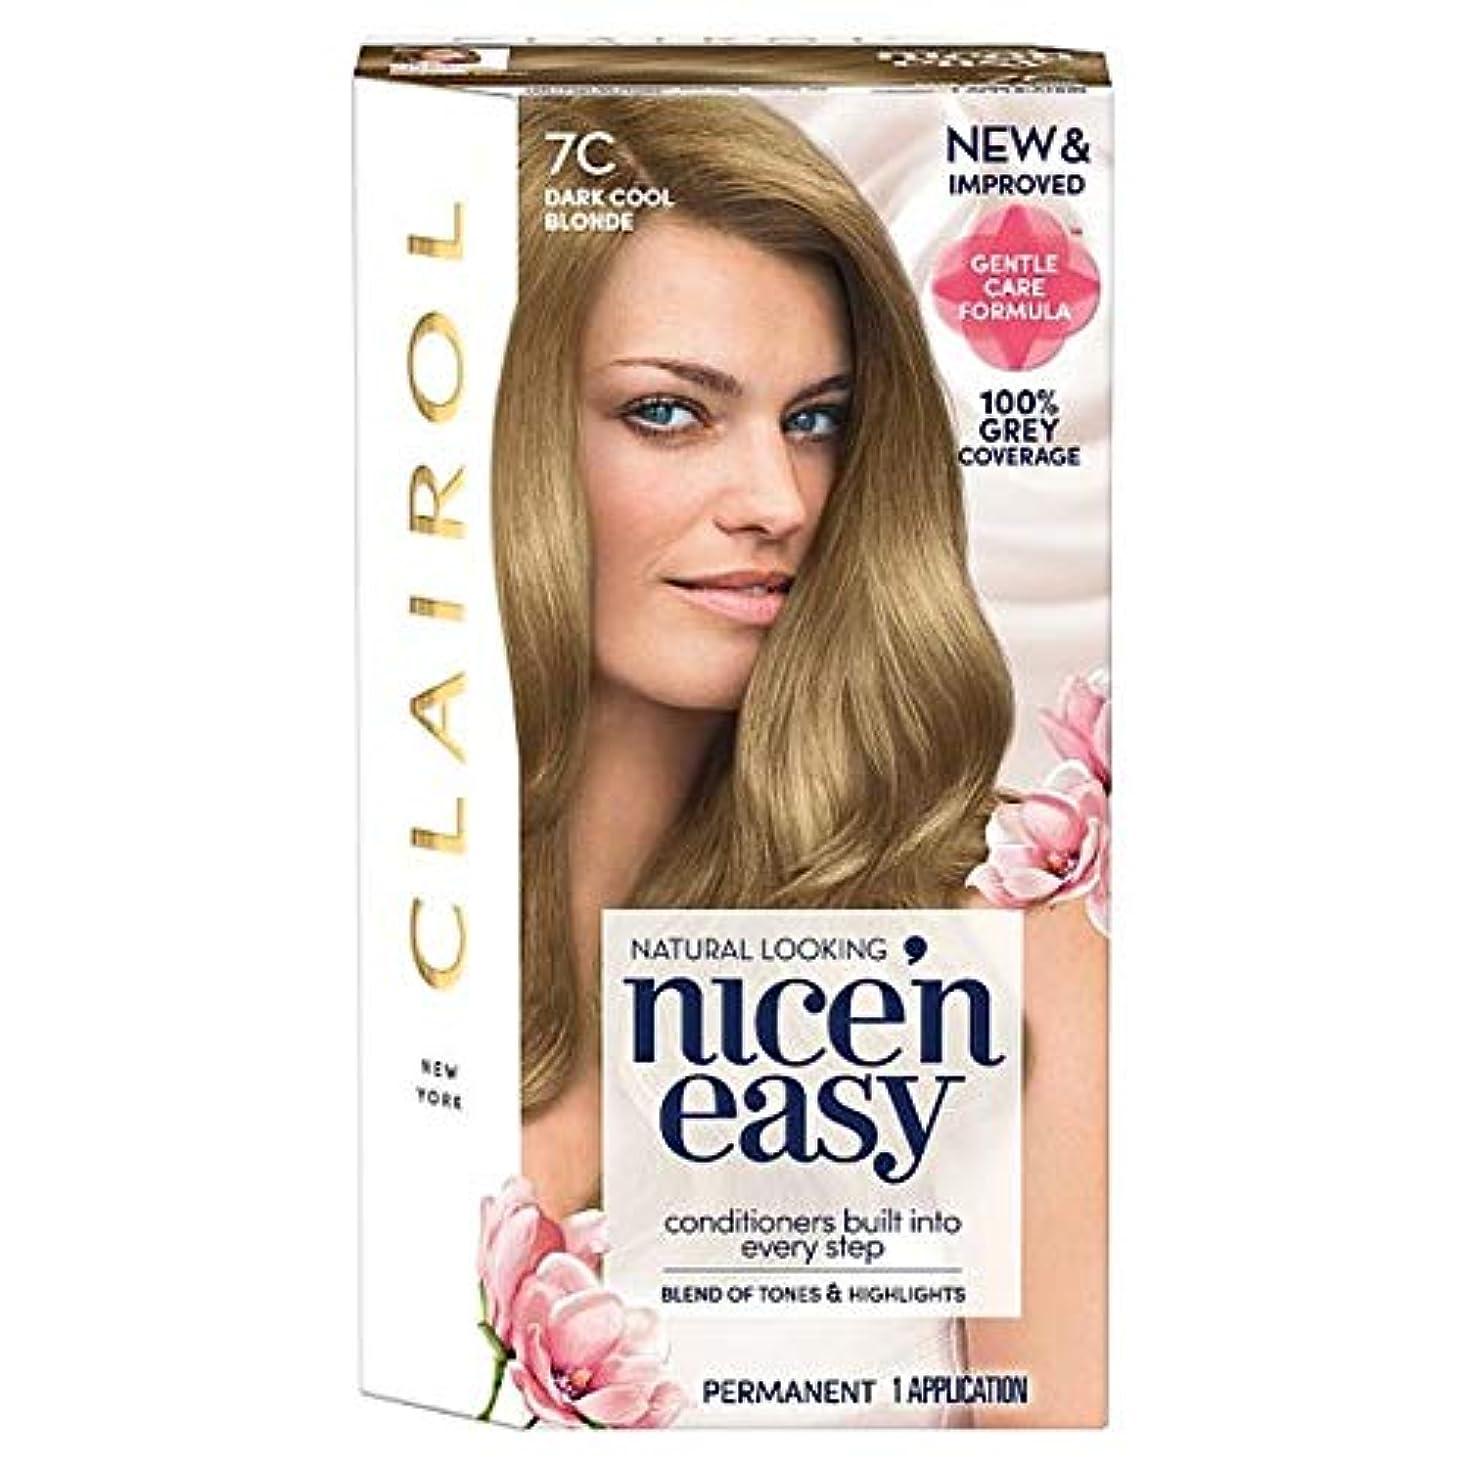 かろうじて株式静けさ[Nice'n Easy] クレイロール素敵な「N簡単ダーククールなブロンド7Cの染毛剤 - Clairol Nice 'N Easy Dark Cool Blonde 7C Hair Dye [並行輸入品]